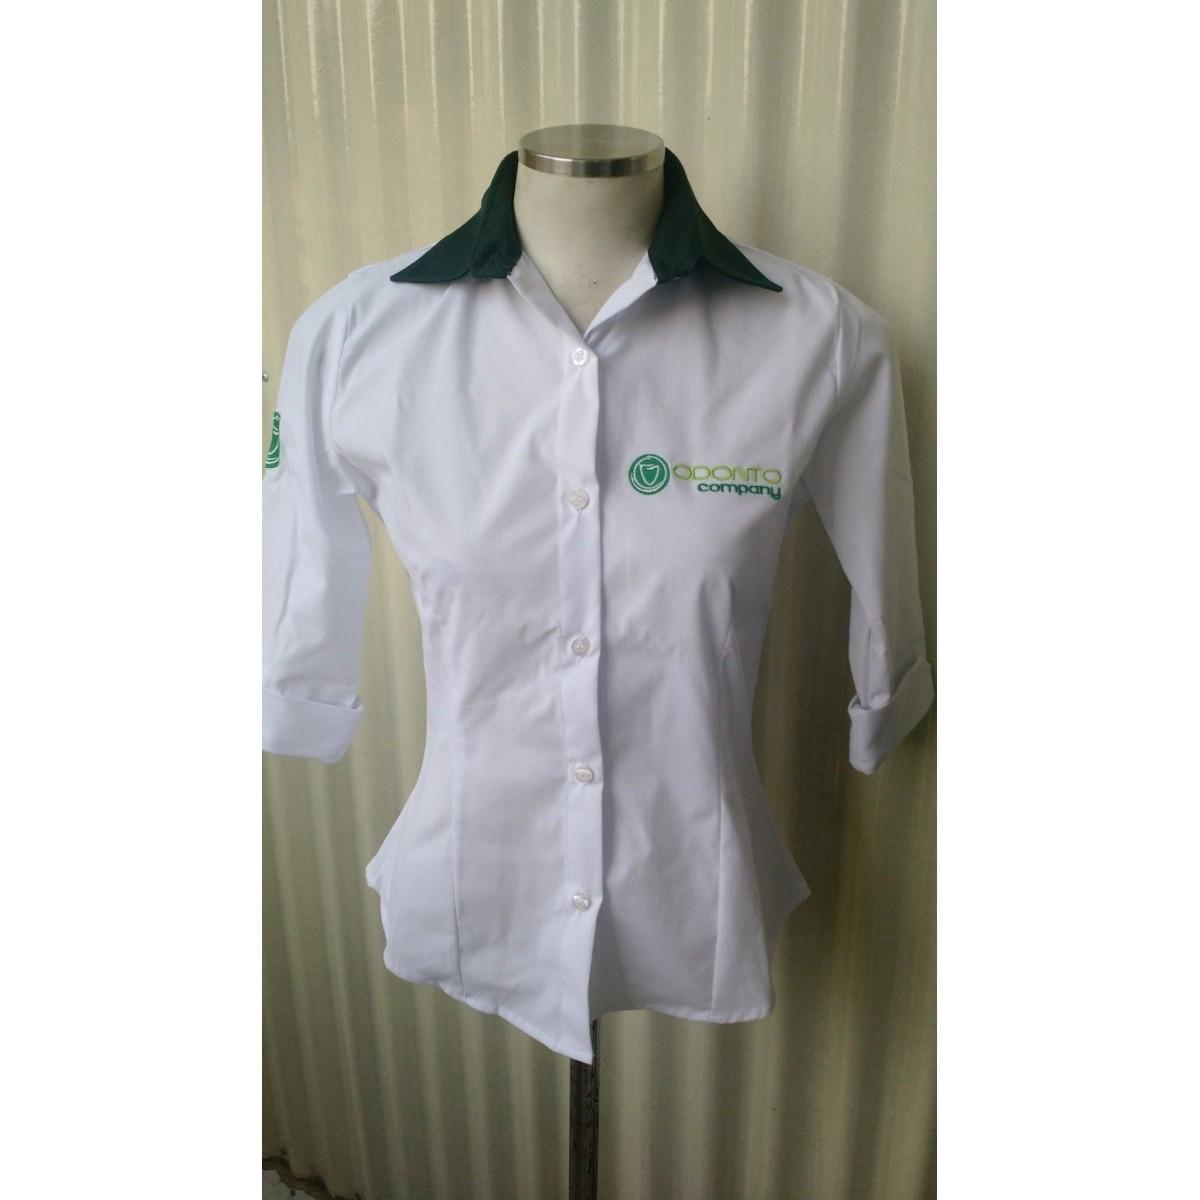 22f9ba4b2 Camisa Social Feminina Manga 3 4 em Tricoline com elastano Branca com  Detalhe Verde - Uniformes Odonto Company